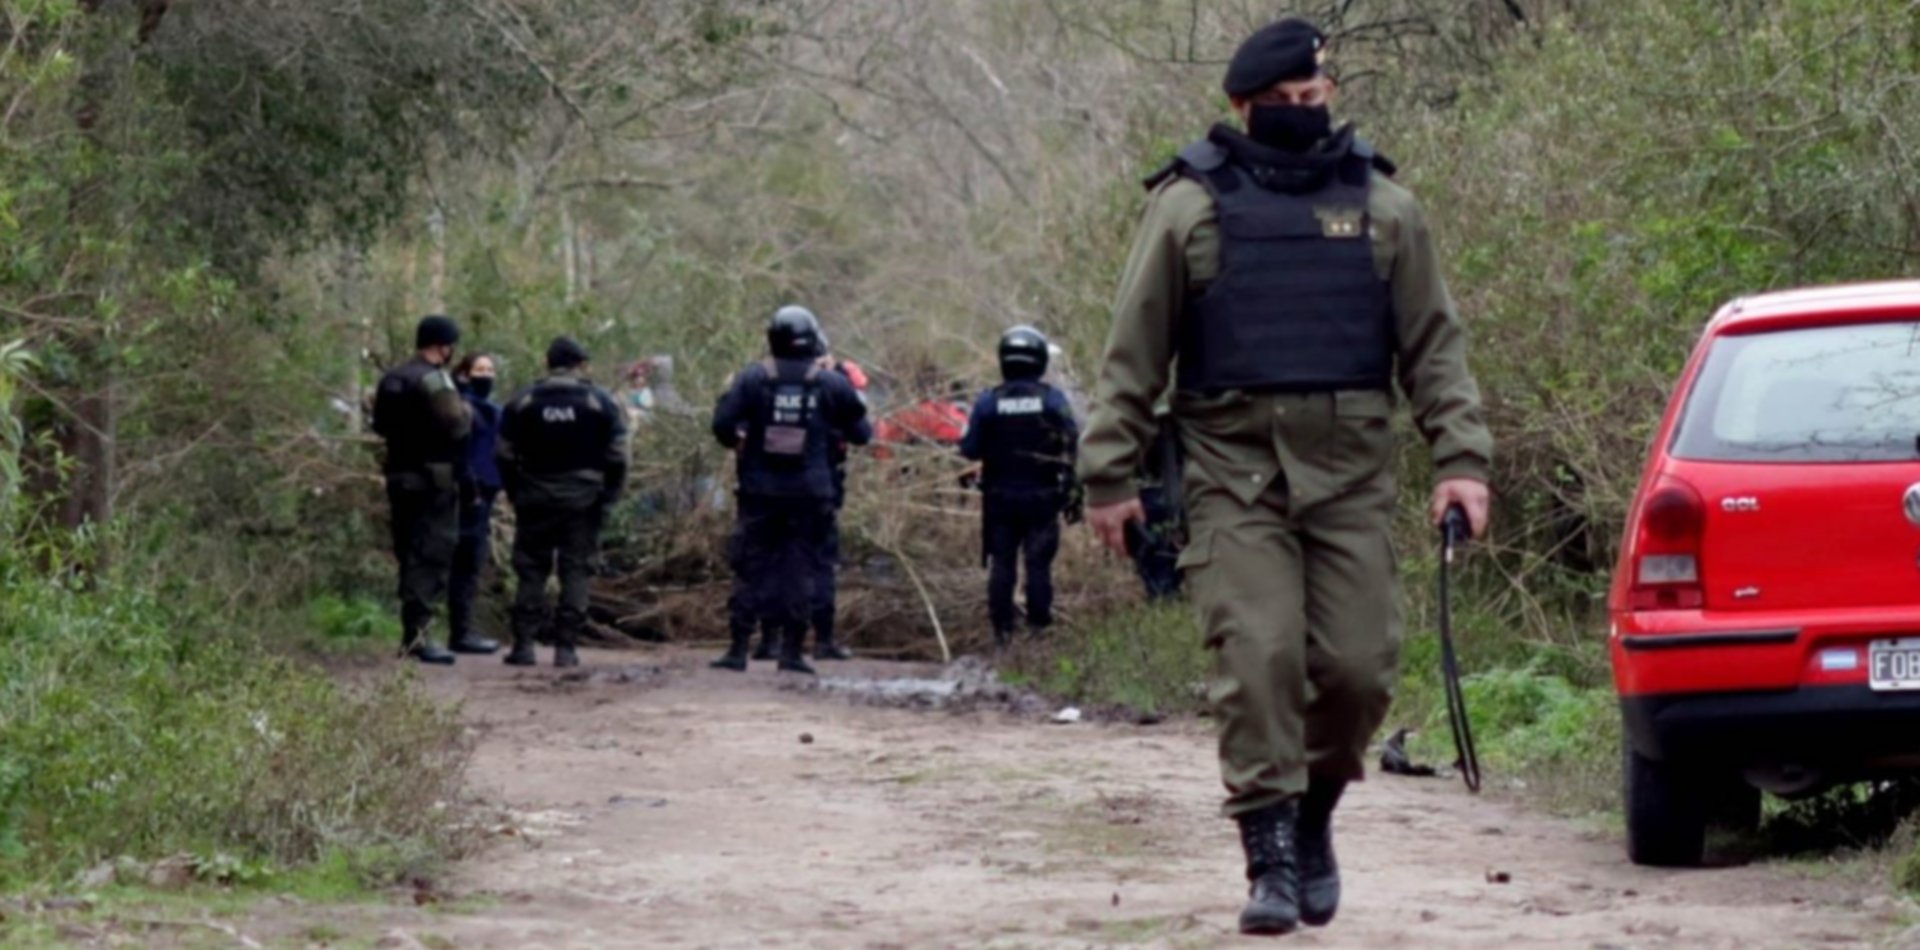 Tensión por enfrentamientos en otra zona de tierras ocupadas de La Plata